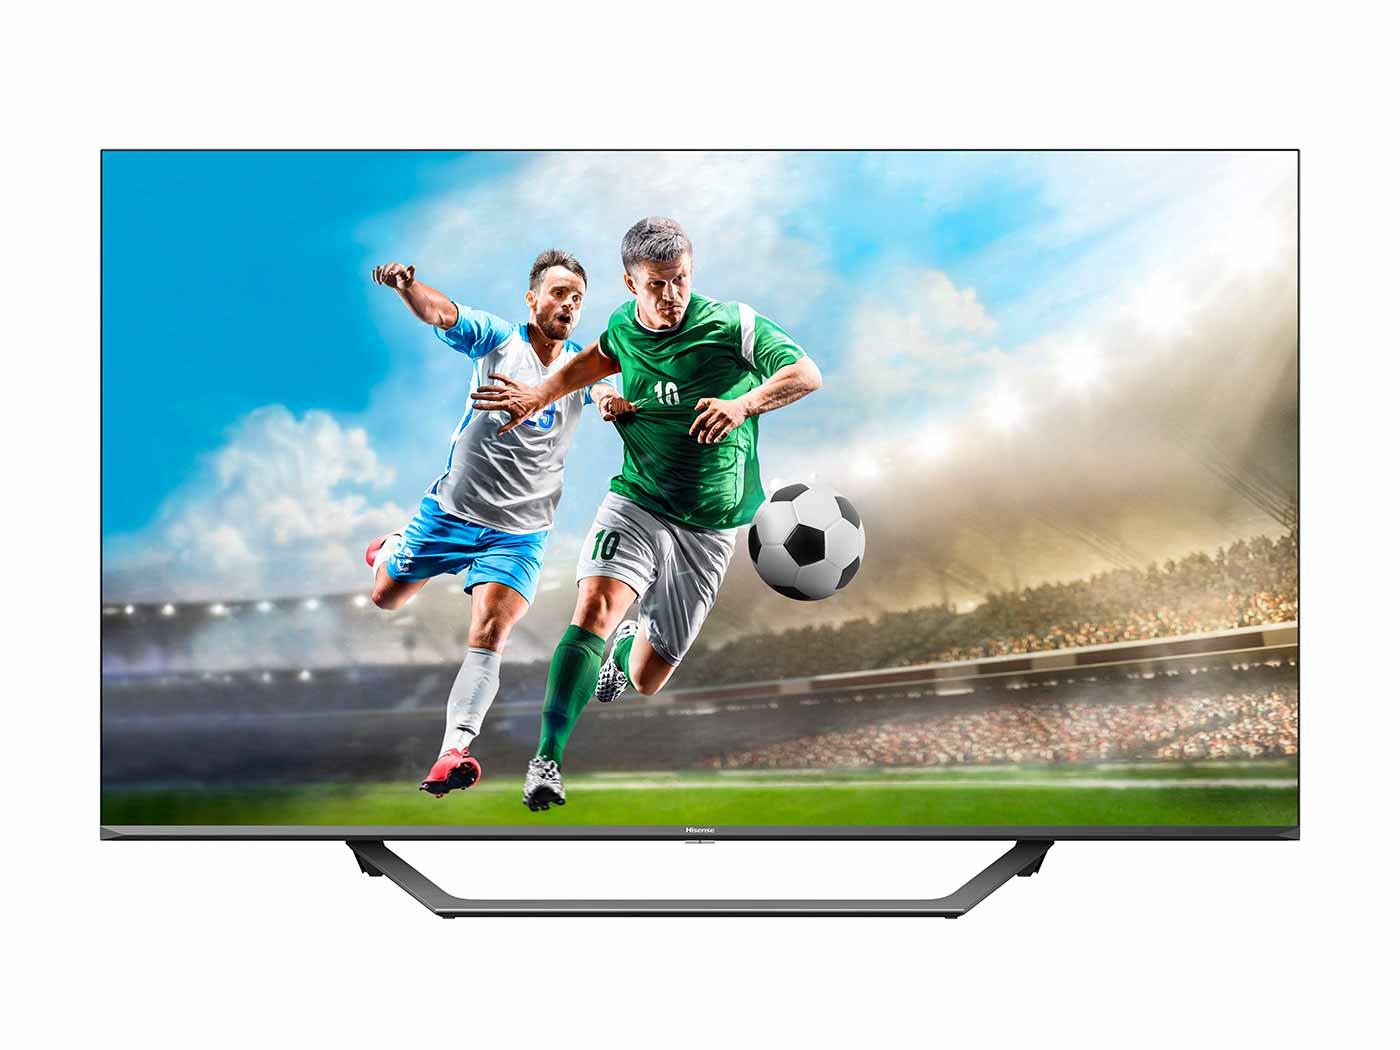 UHD TV UHD TV 55A7500F